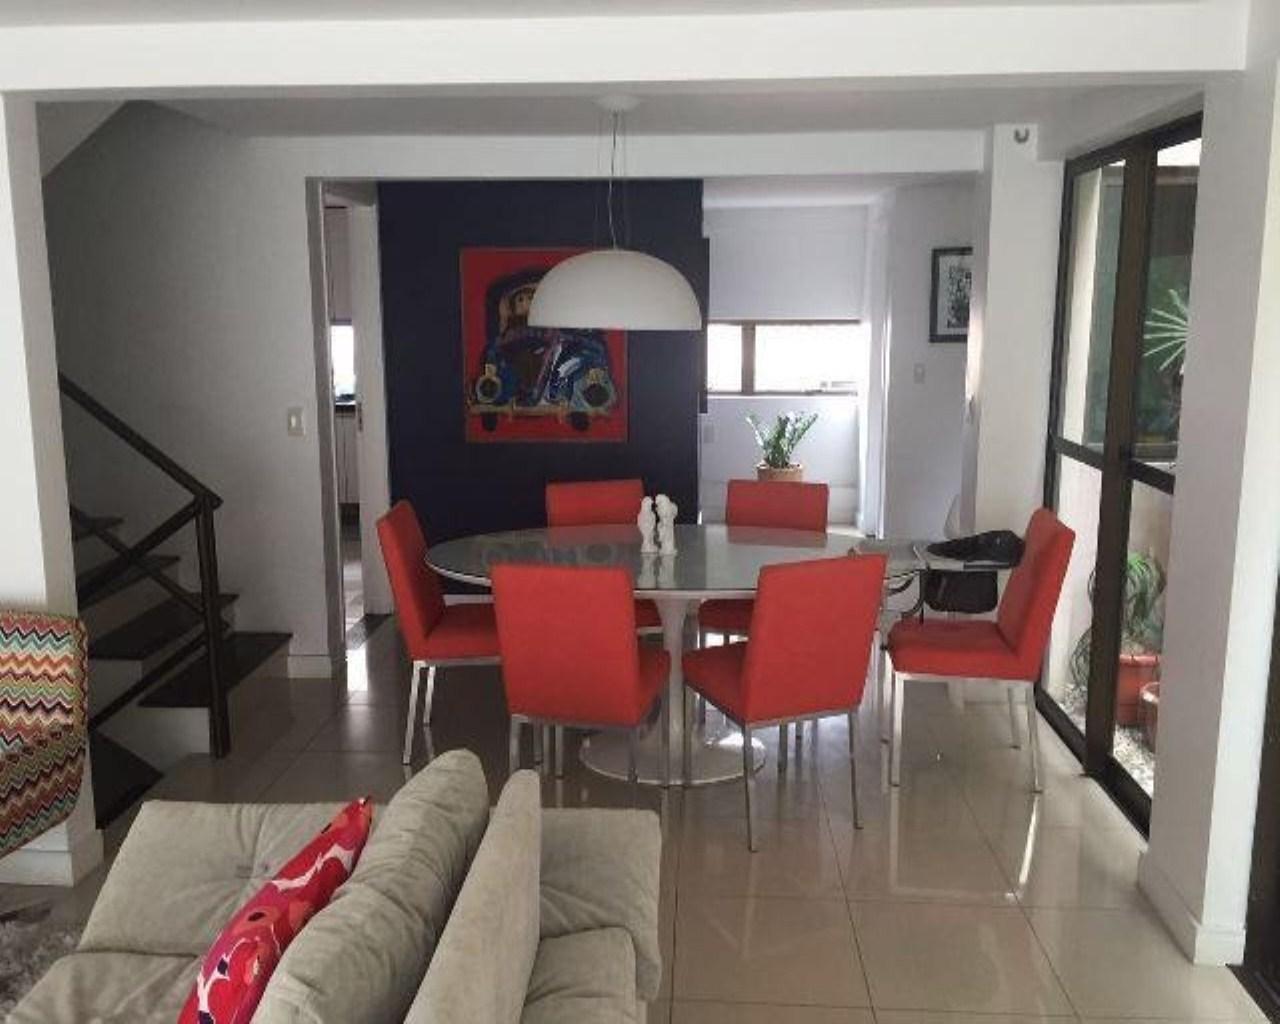 Imobiliária Digital, Vender, Comprar, Alugar, Apartamento, Recife, Alphaville Pernambuco 2 , Alphaville Pernambuco, Alphaville Brennand, Alphaville Ca